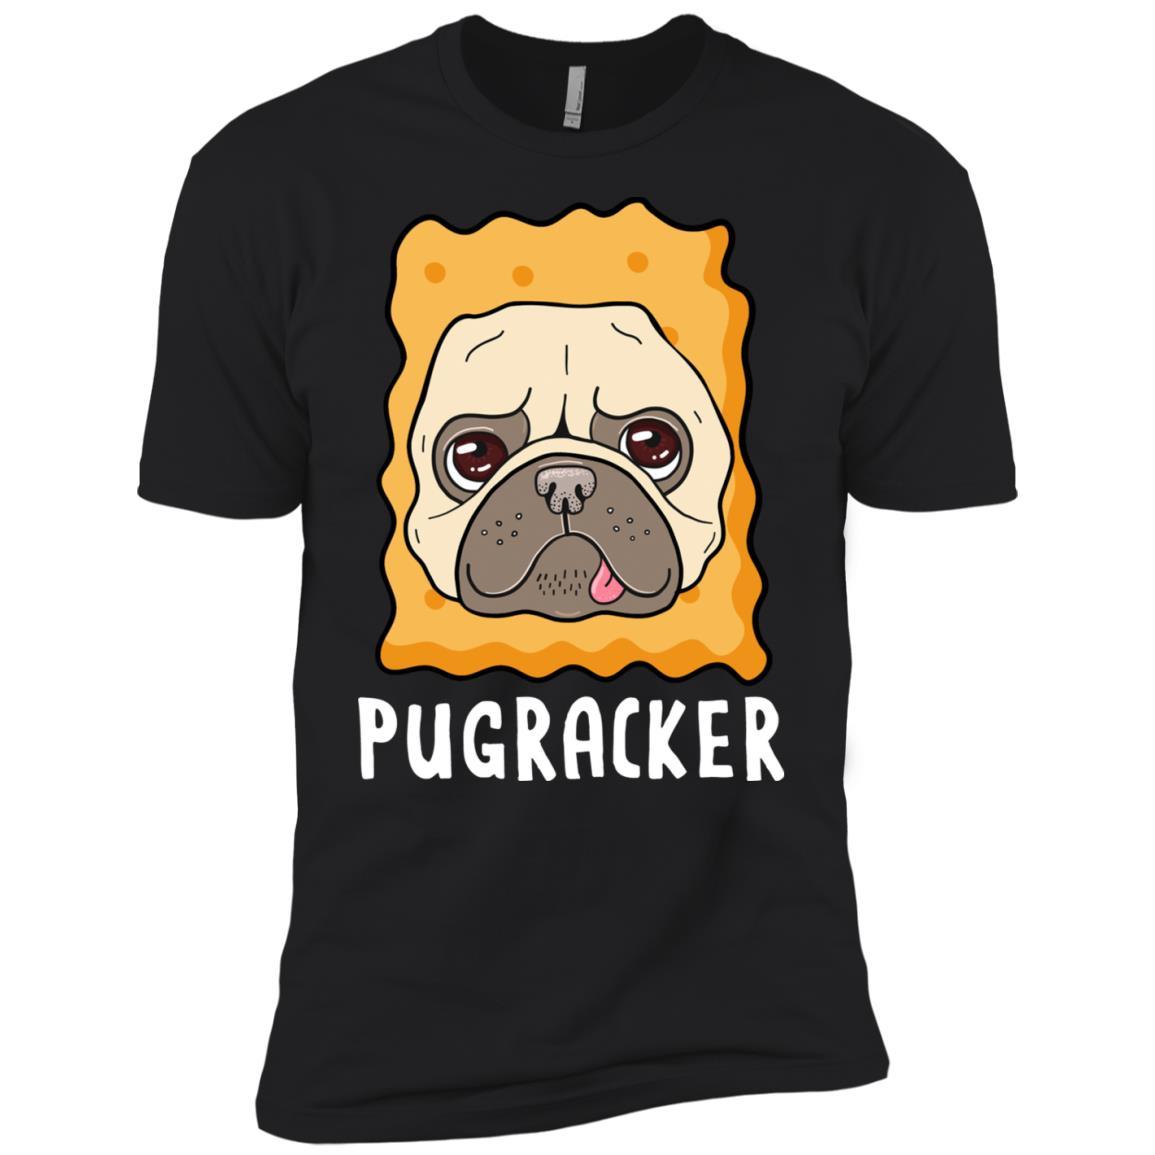 Pugracker Pug Cracker Costume Men Short Sleeve T-Shirt